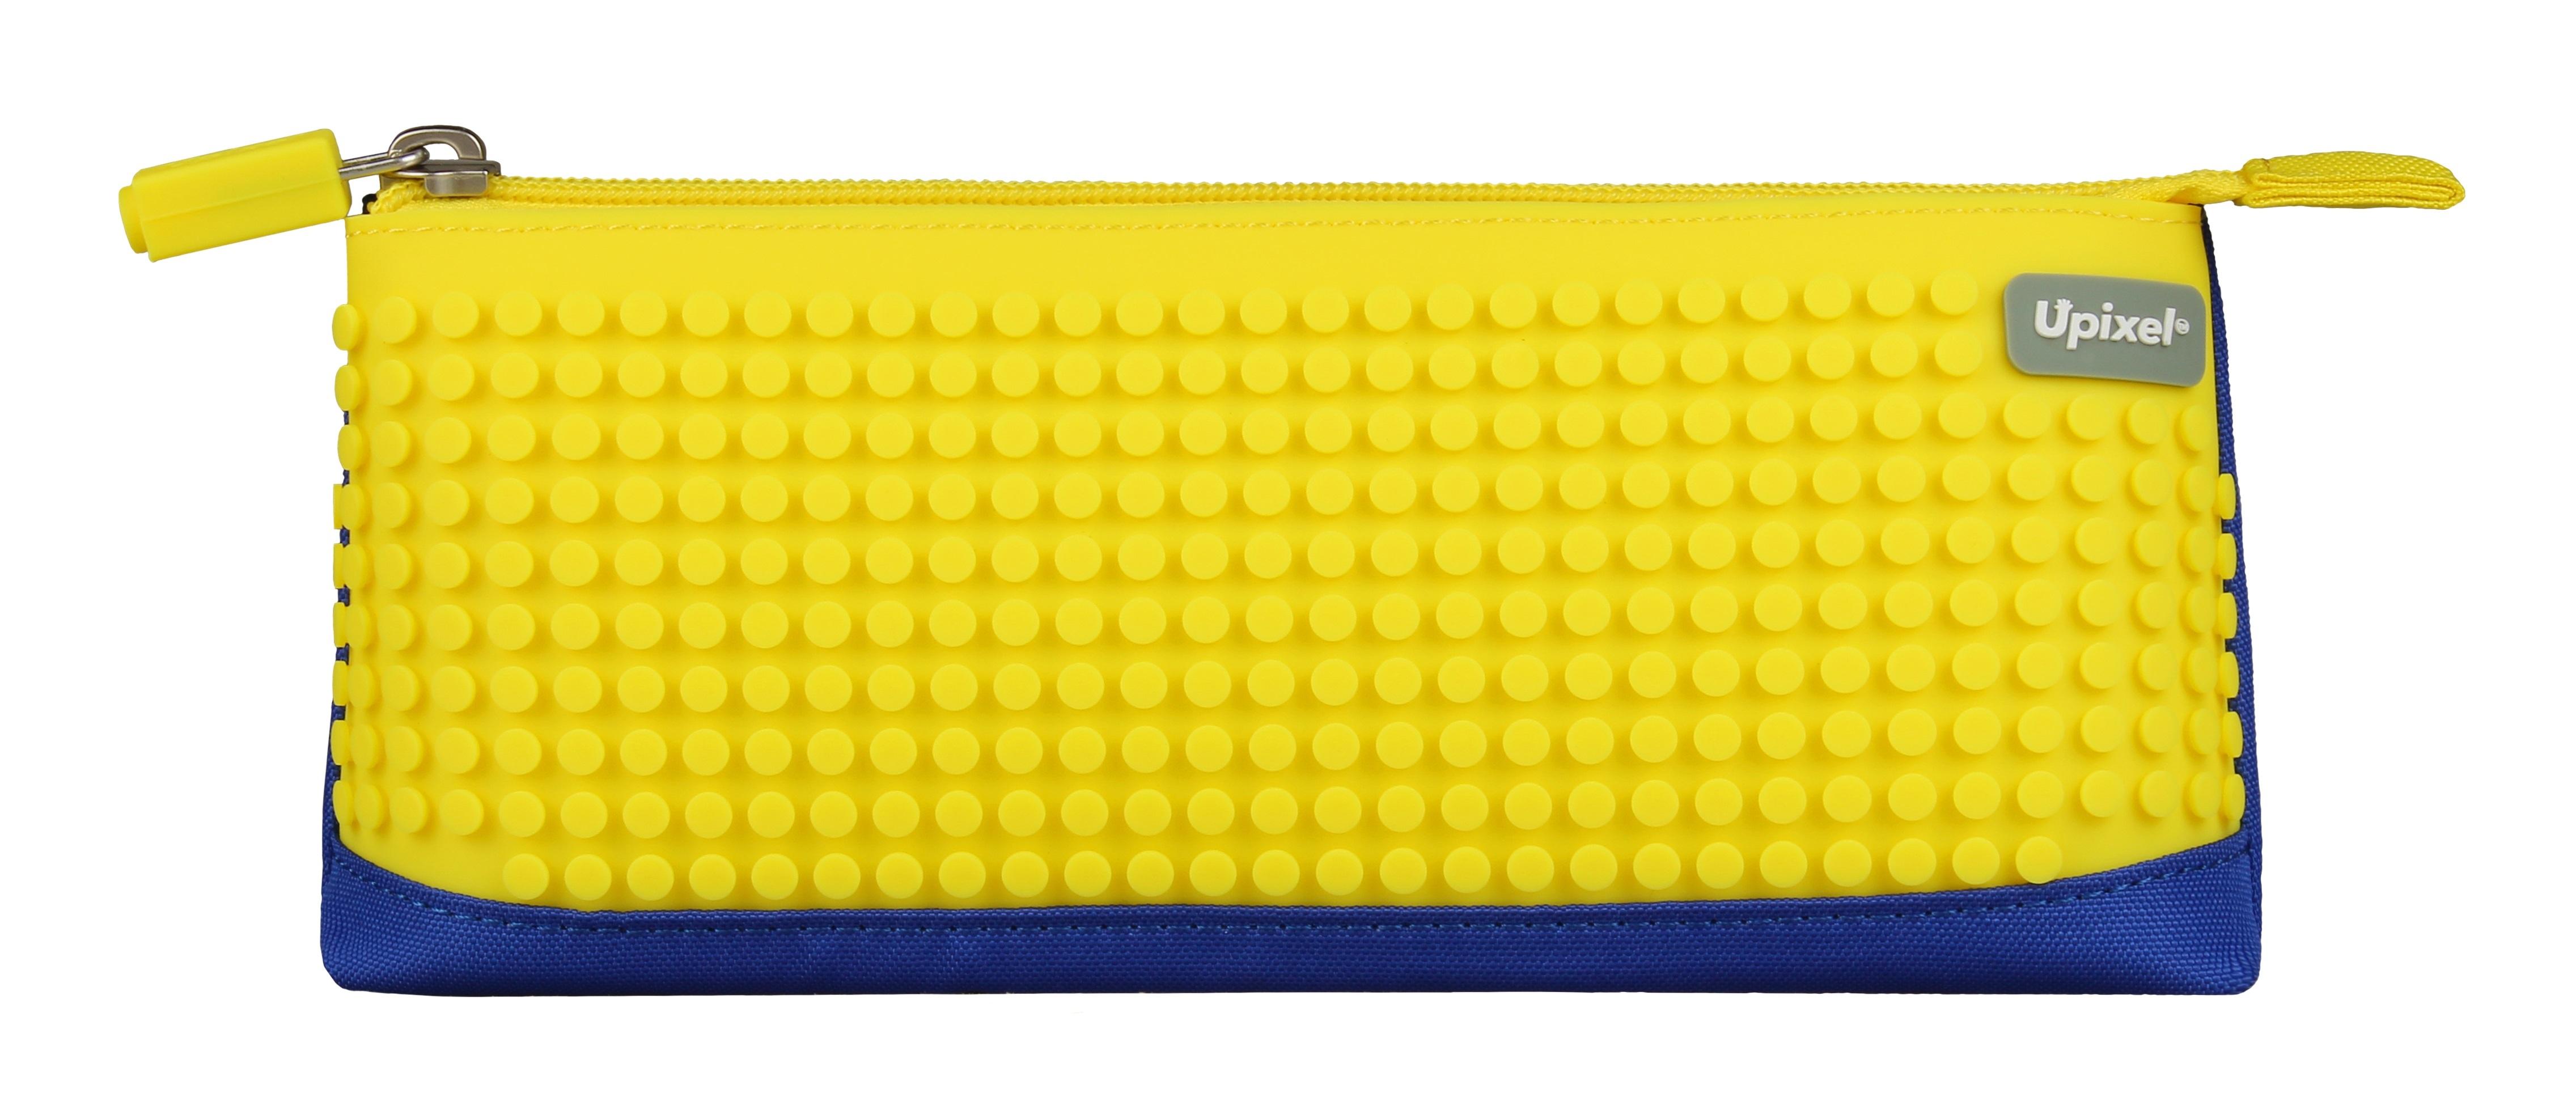 Пиксельный пенал (Pencil Case) WY-B002 (синий/банановый желтый)